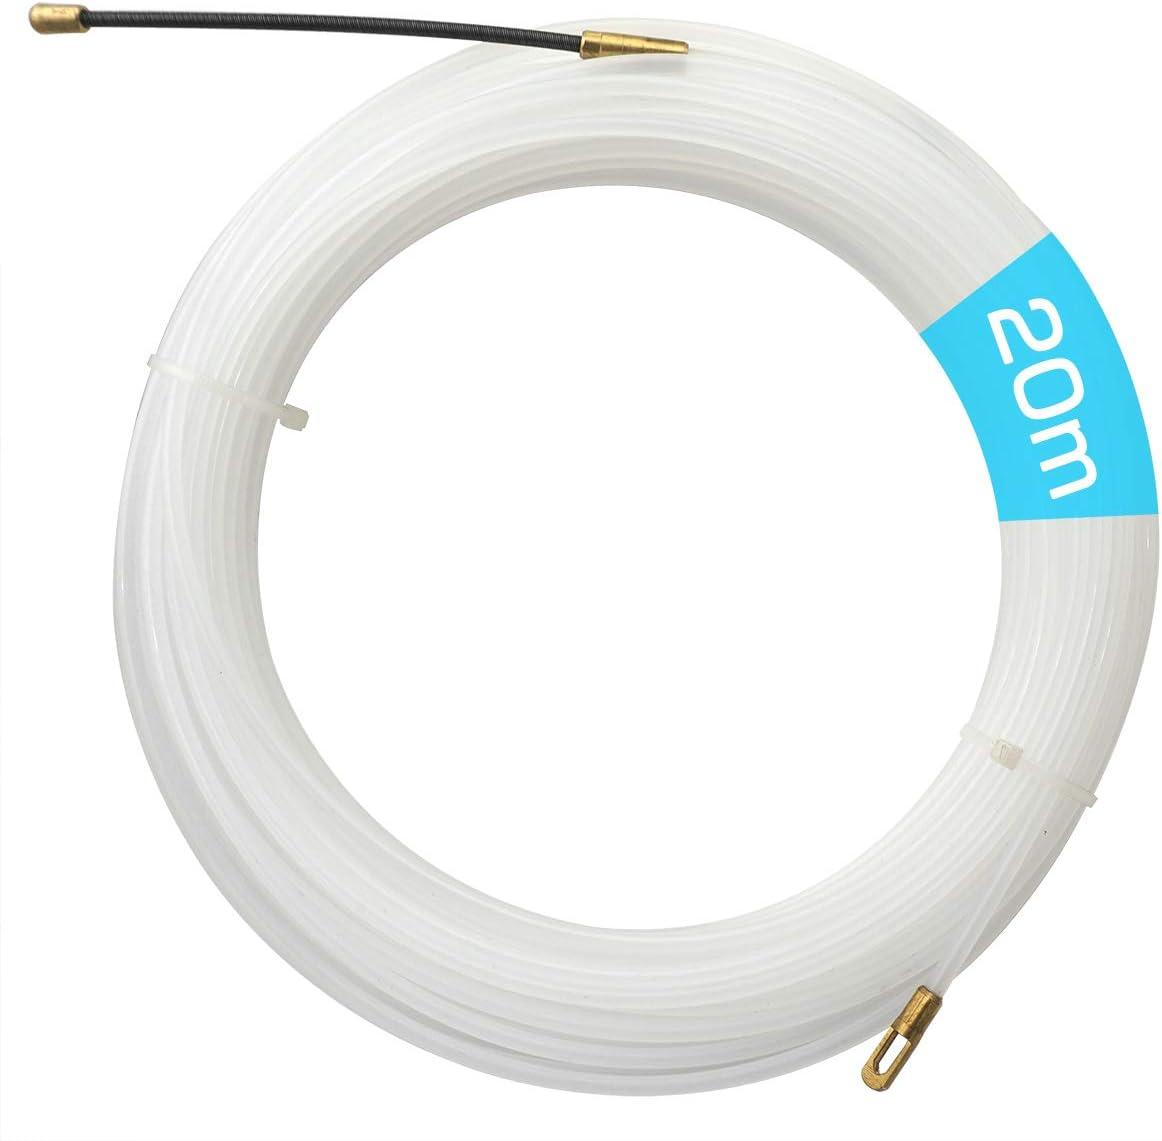 Akuoly 20M Einziehband Einziehdraht Einziehspirale Einziehhilfen Einzugsband zur Kabelverlegung /φ4,0mm Nylon